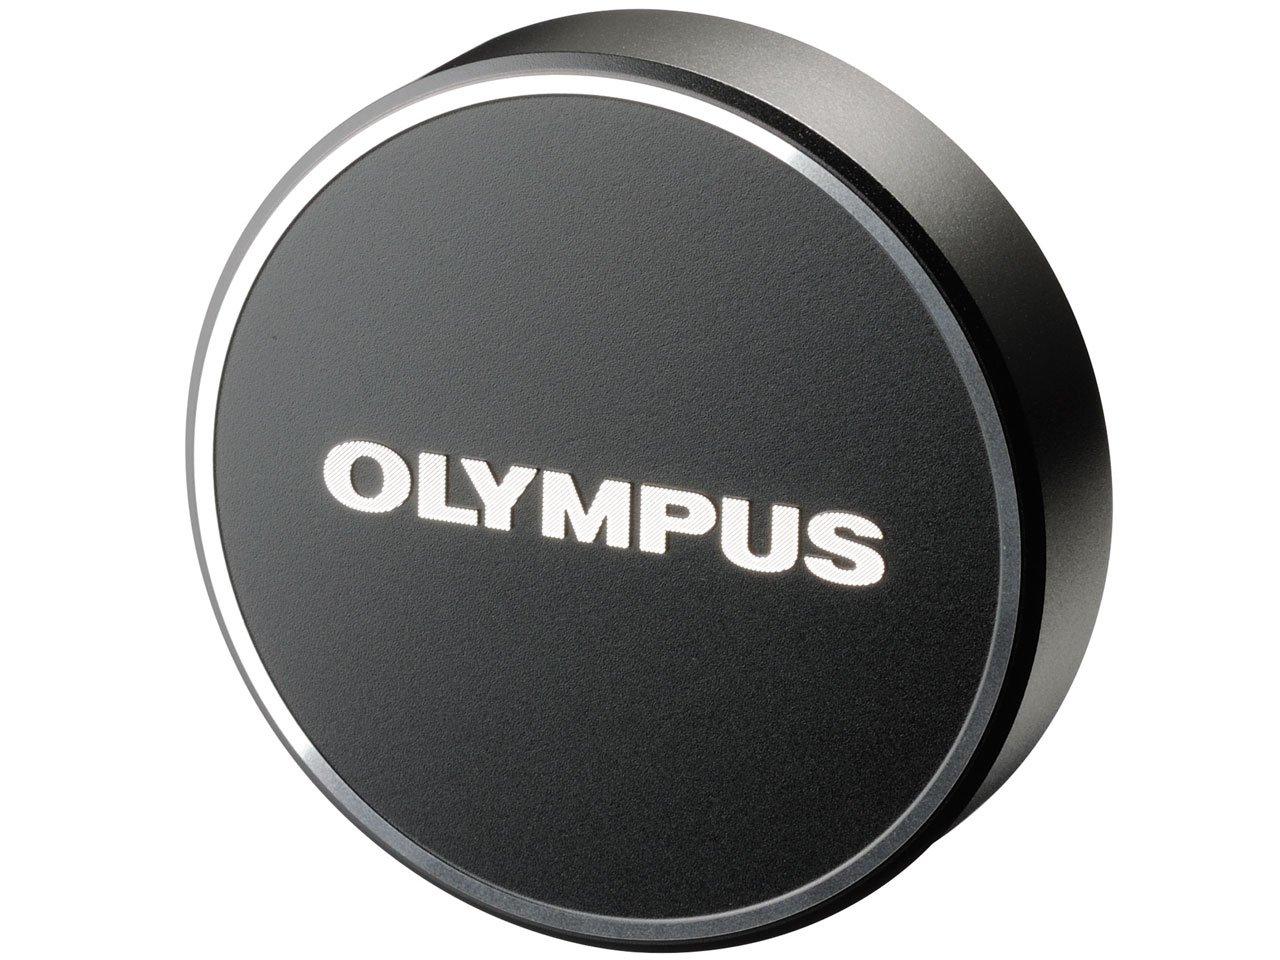 OLYMPUS Krytka LC-48B krytka objektivu 17/1,8 kovová